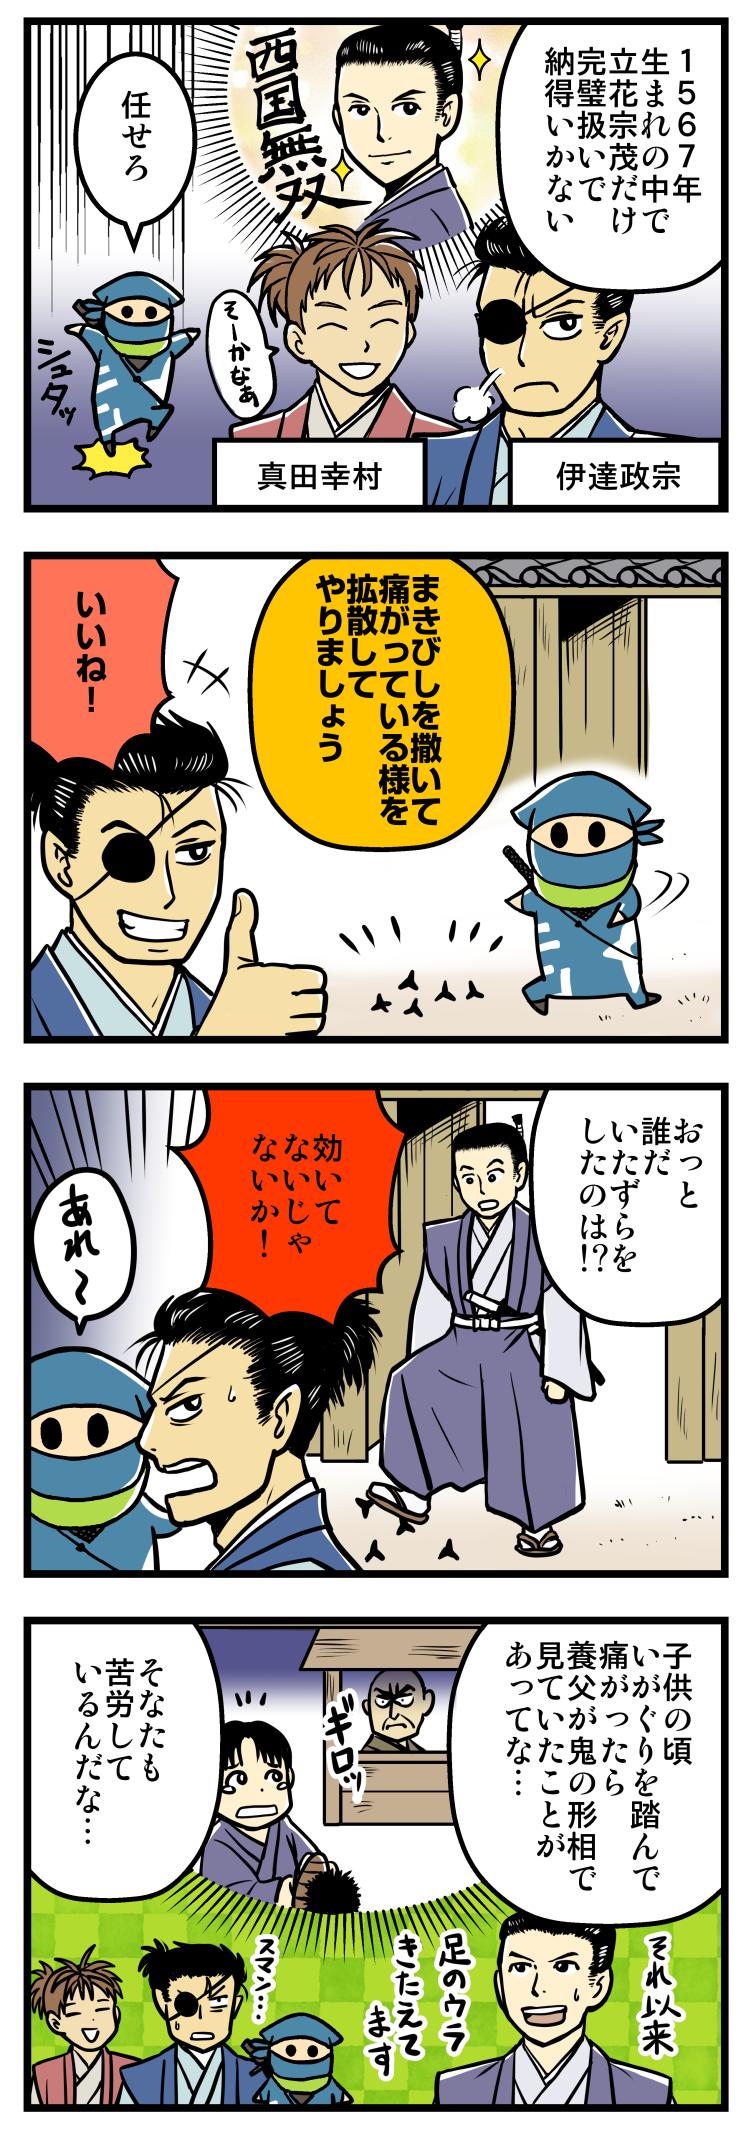 歴ニン君★第十七忍「1567年生まれの術」